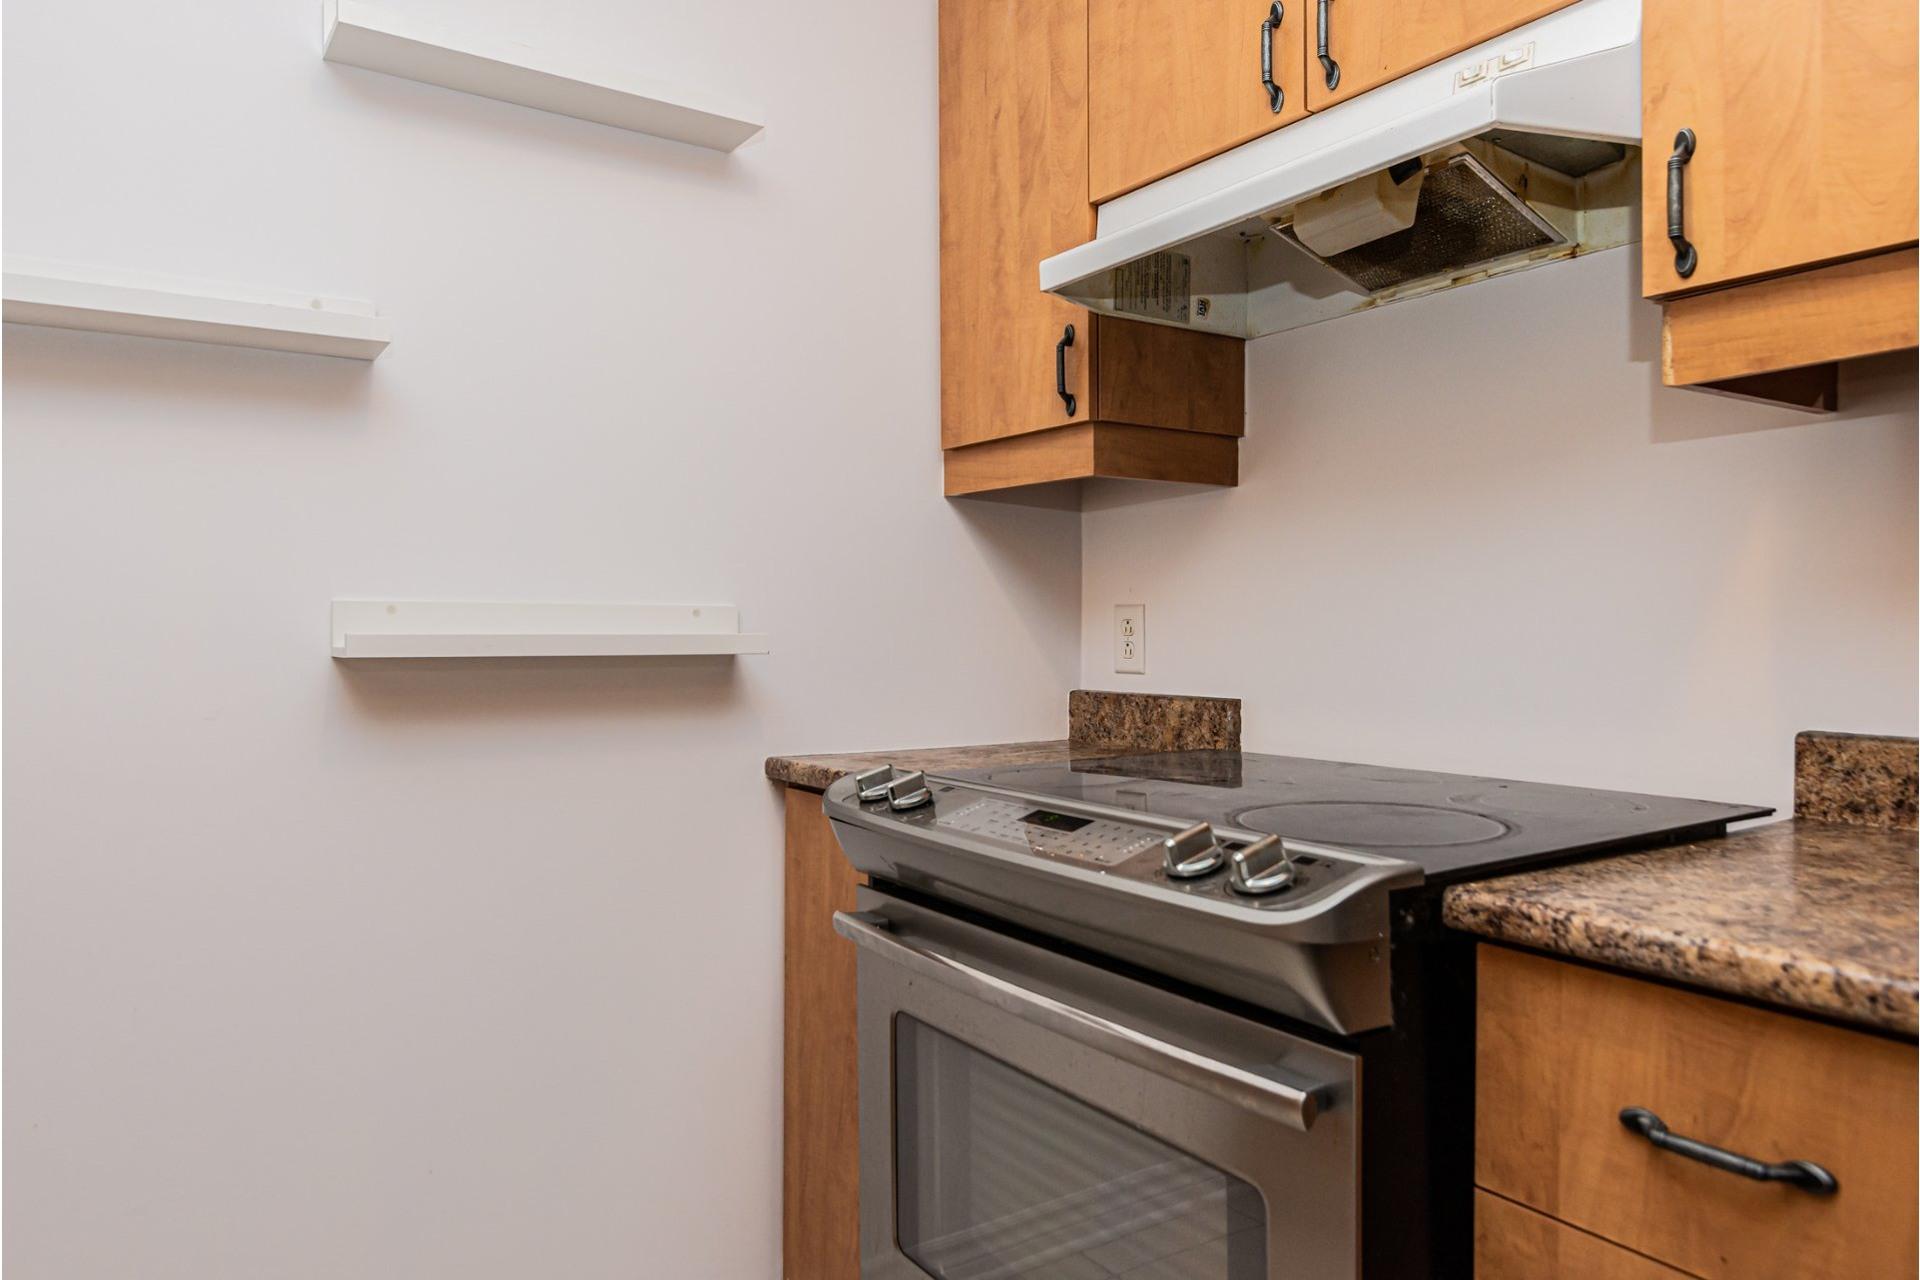 image 25 - Appartement À vendre Mercier/Hochelaga-Maisonneuve Montréal  - 4 pièces